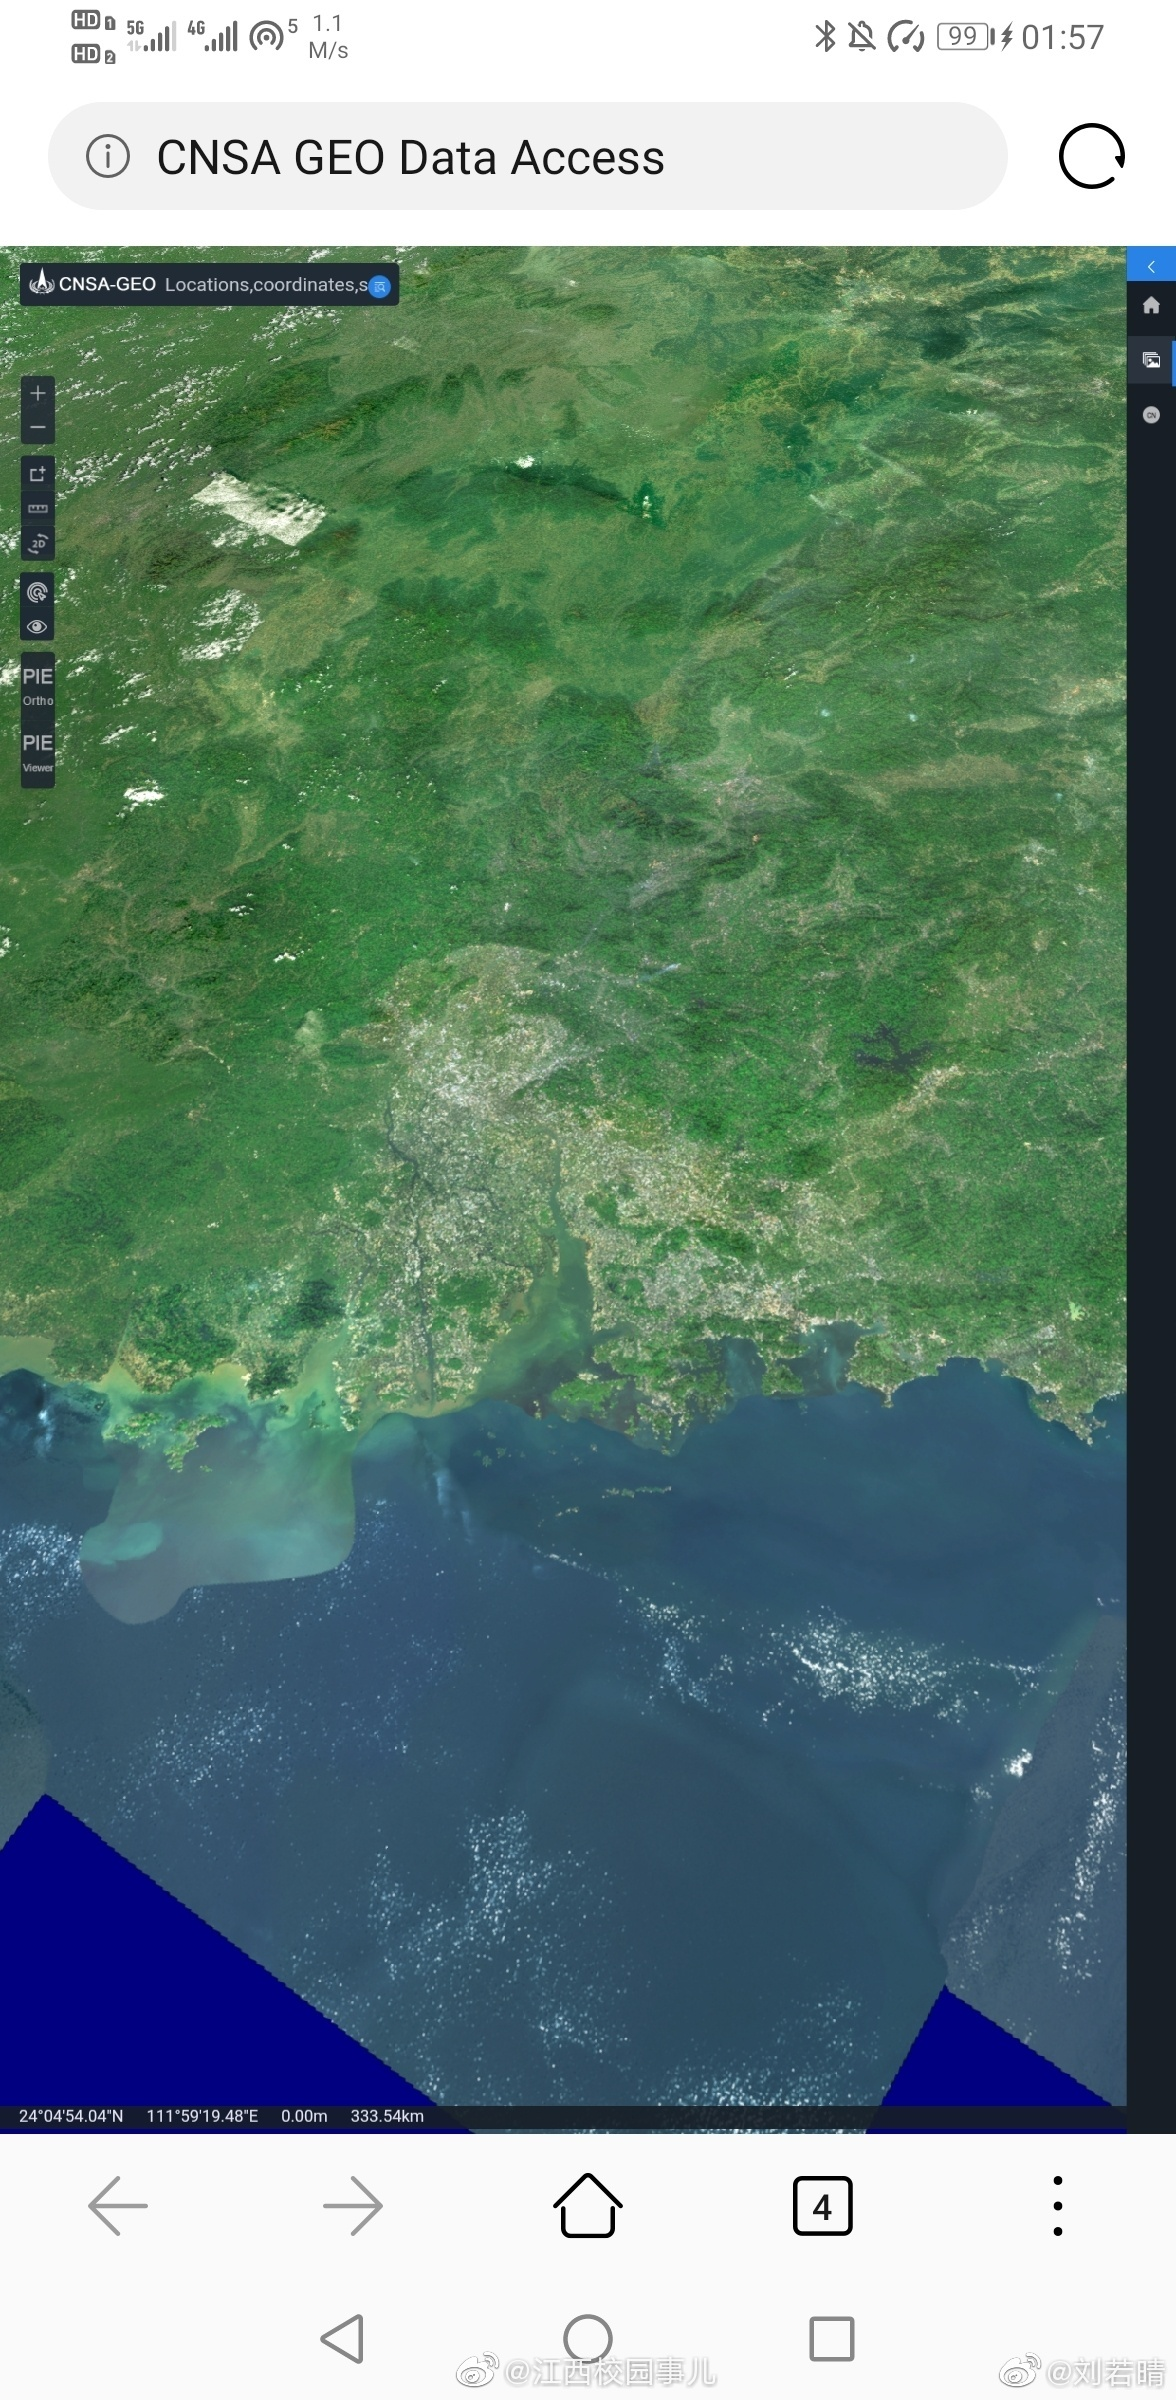 国家航天局发布的高分辨率卫星数据共享服务平台